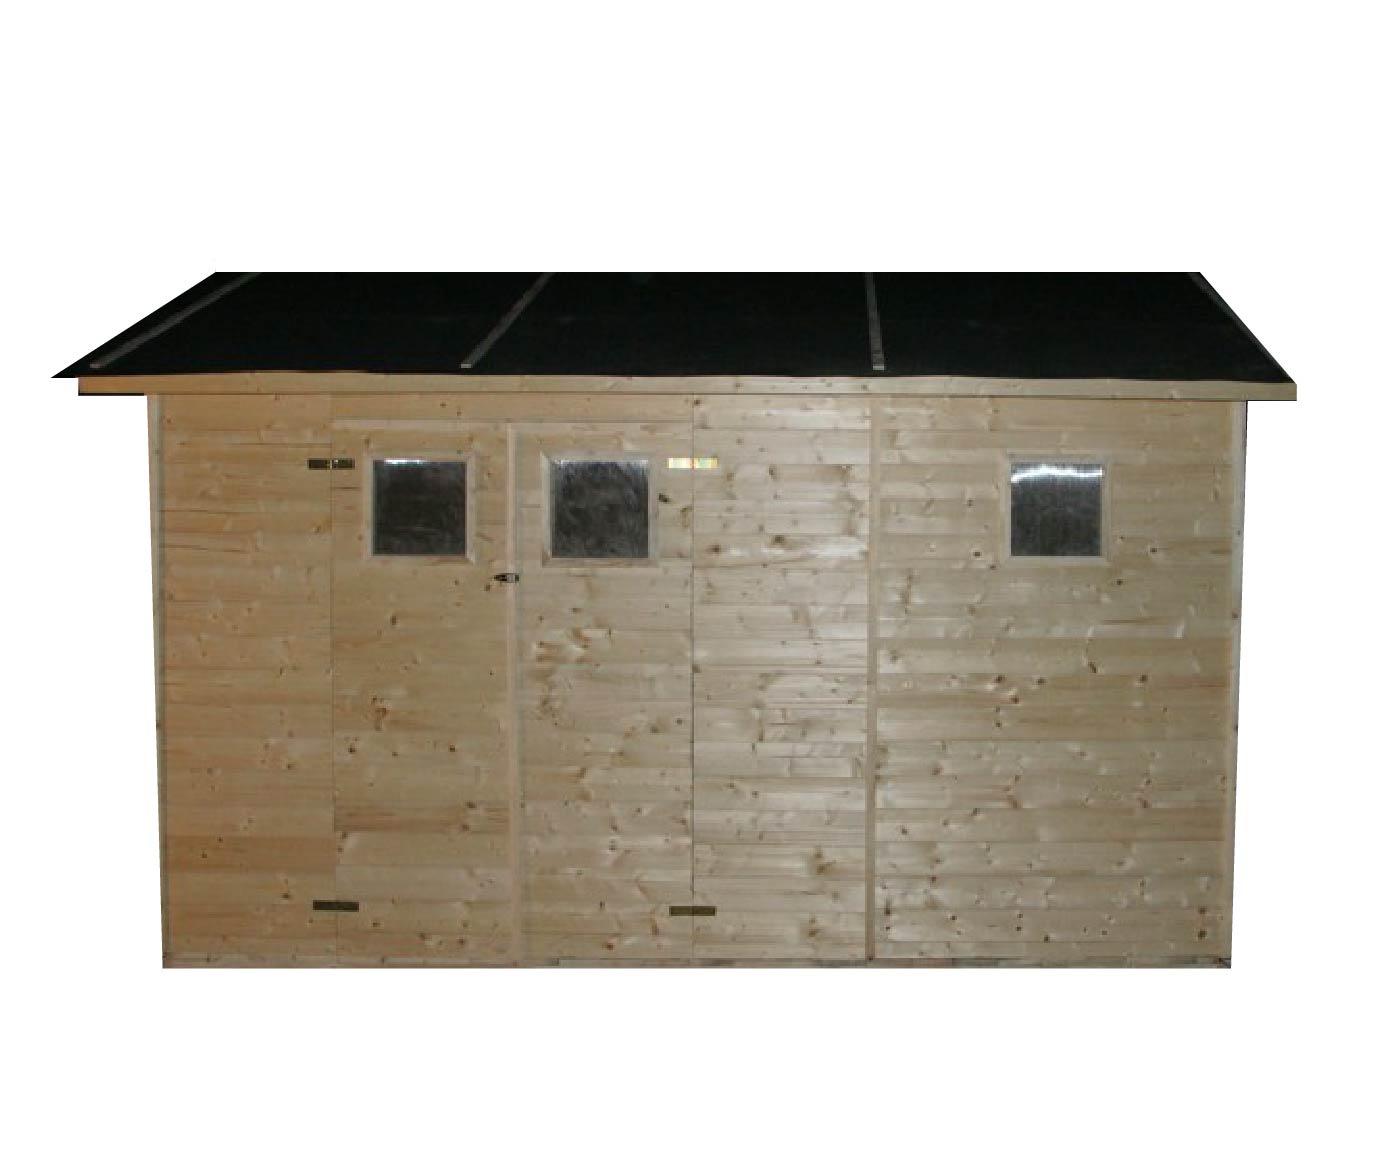 gartenh user bis 12 m2 gartenhaus aus holz 2 7m x 3 9m 19mm mit fenstern gilet ger tehaus. Black Bedroom Furniture Sets. Home Design Ideas